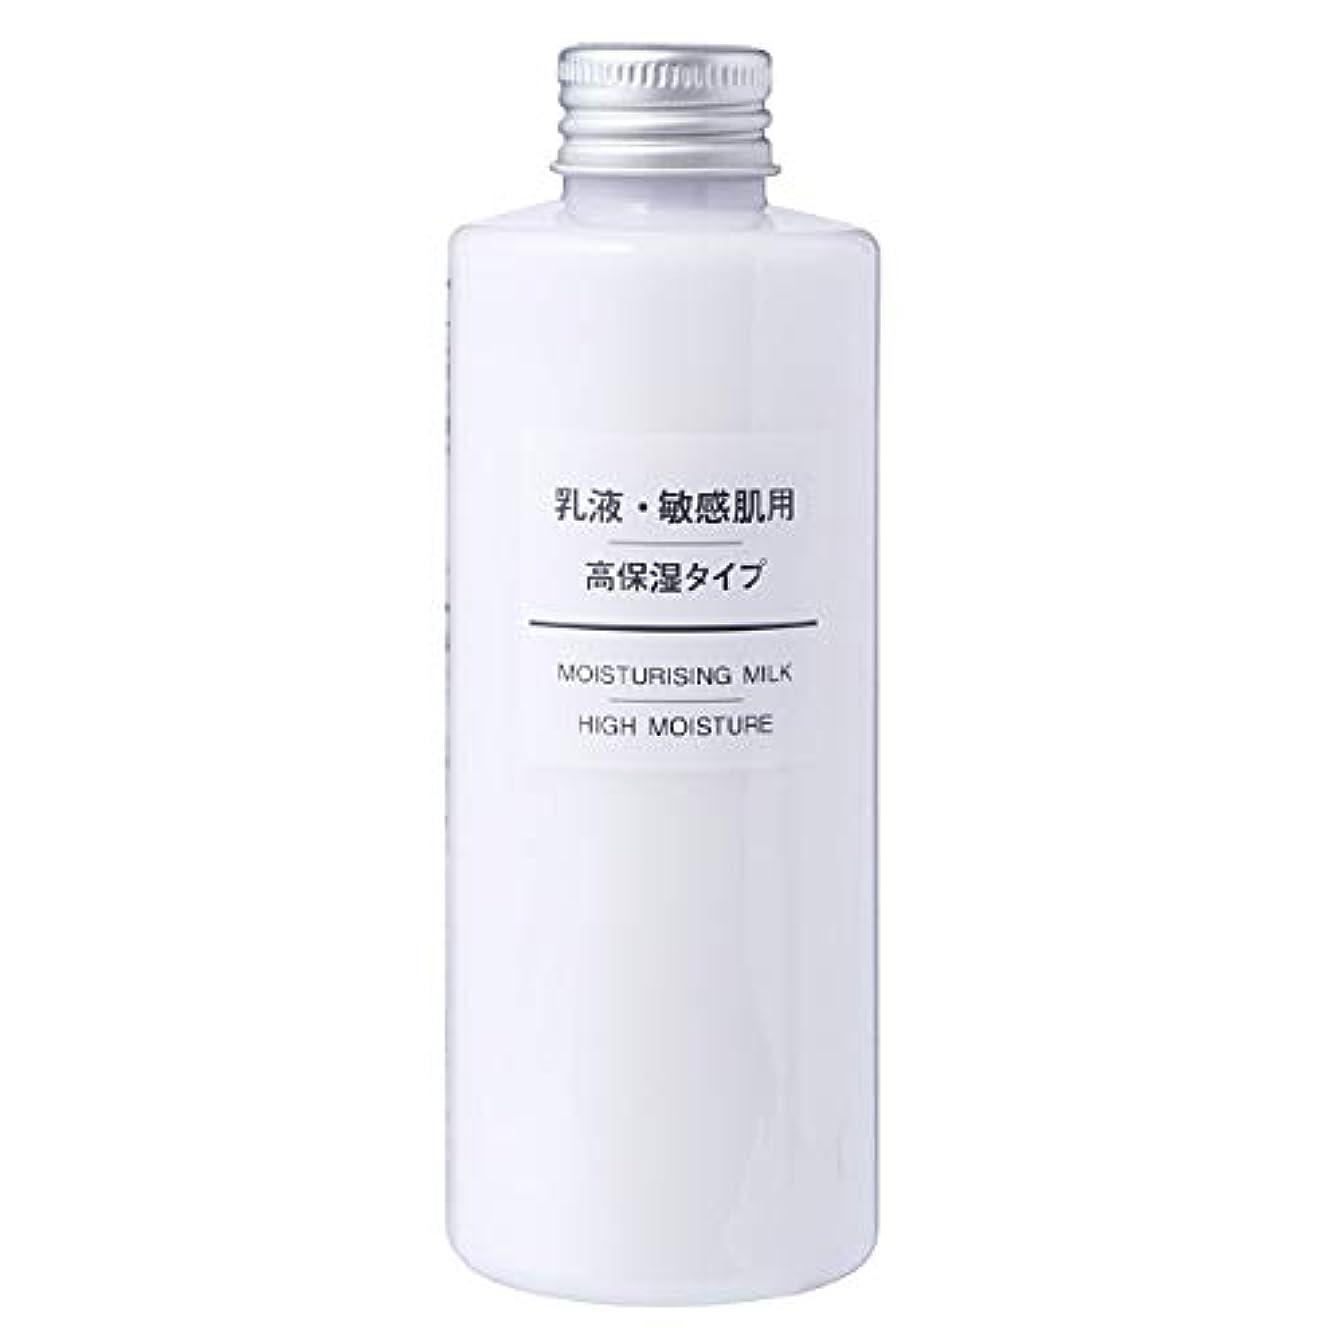 安西ハーフ特権的無印良品 乳液?敏感肌用?高保湿タイプ 200mL